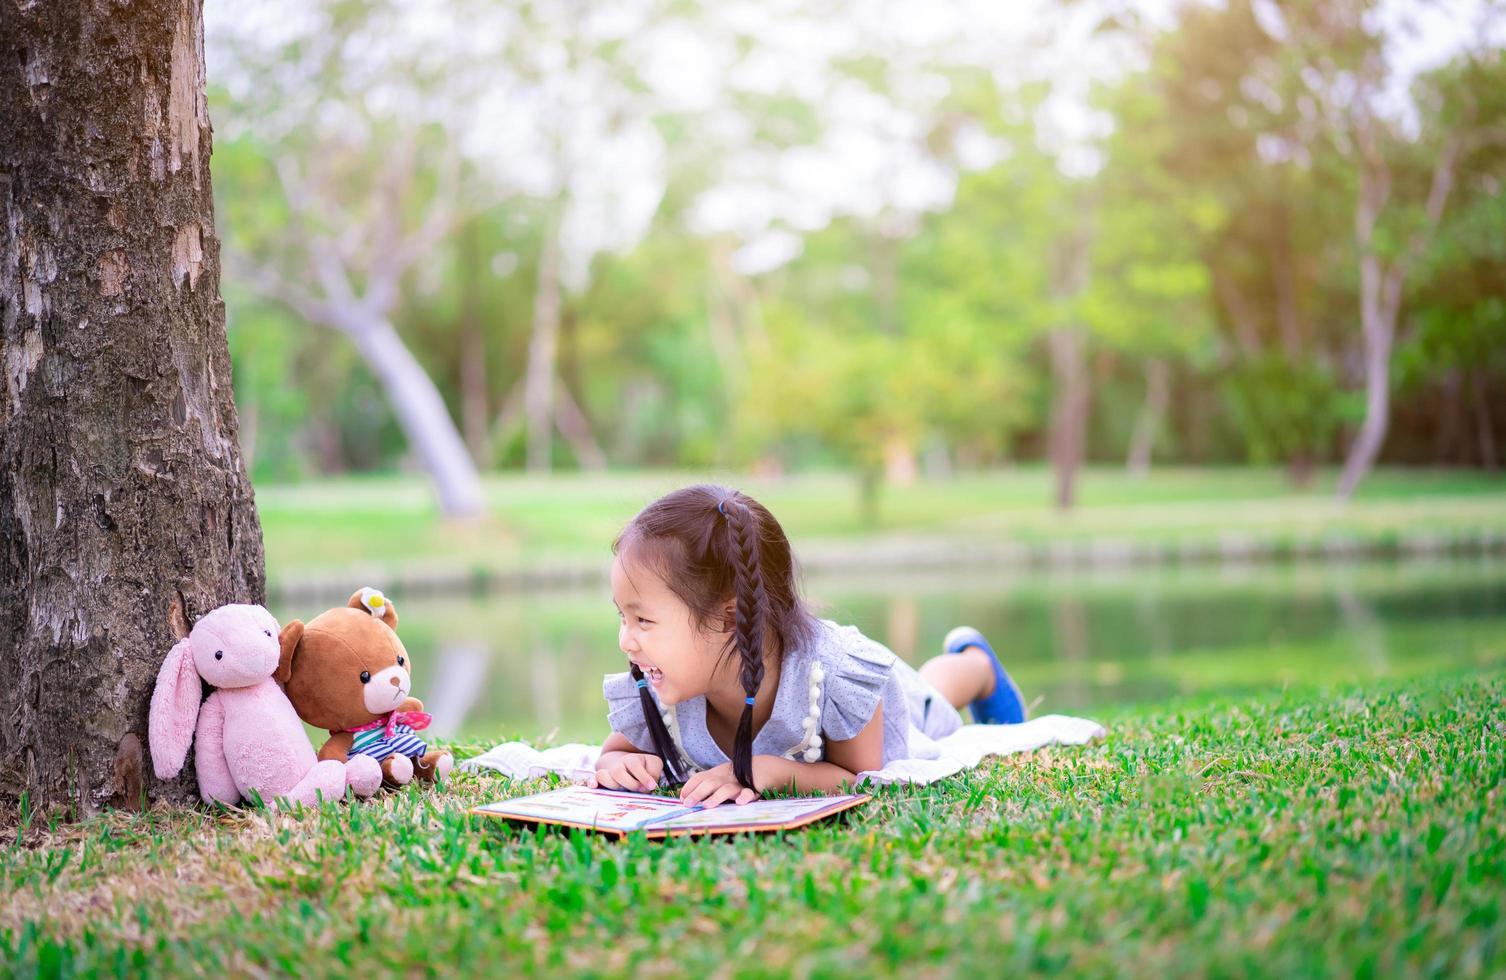 giovane ragazza asiatica con libro e peluche nel parco foto